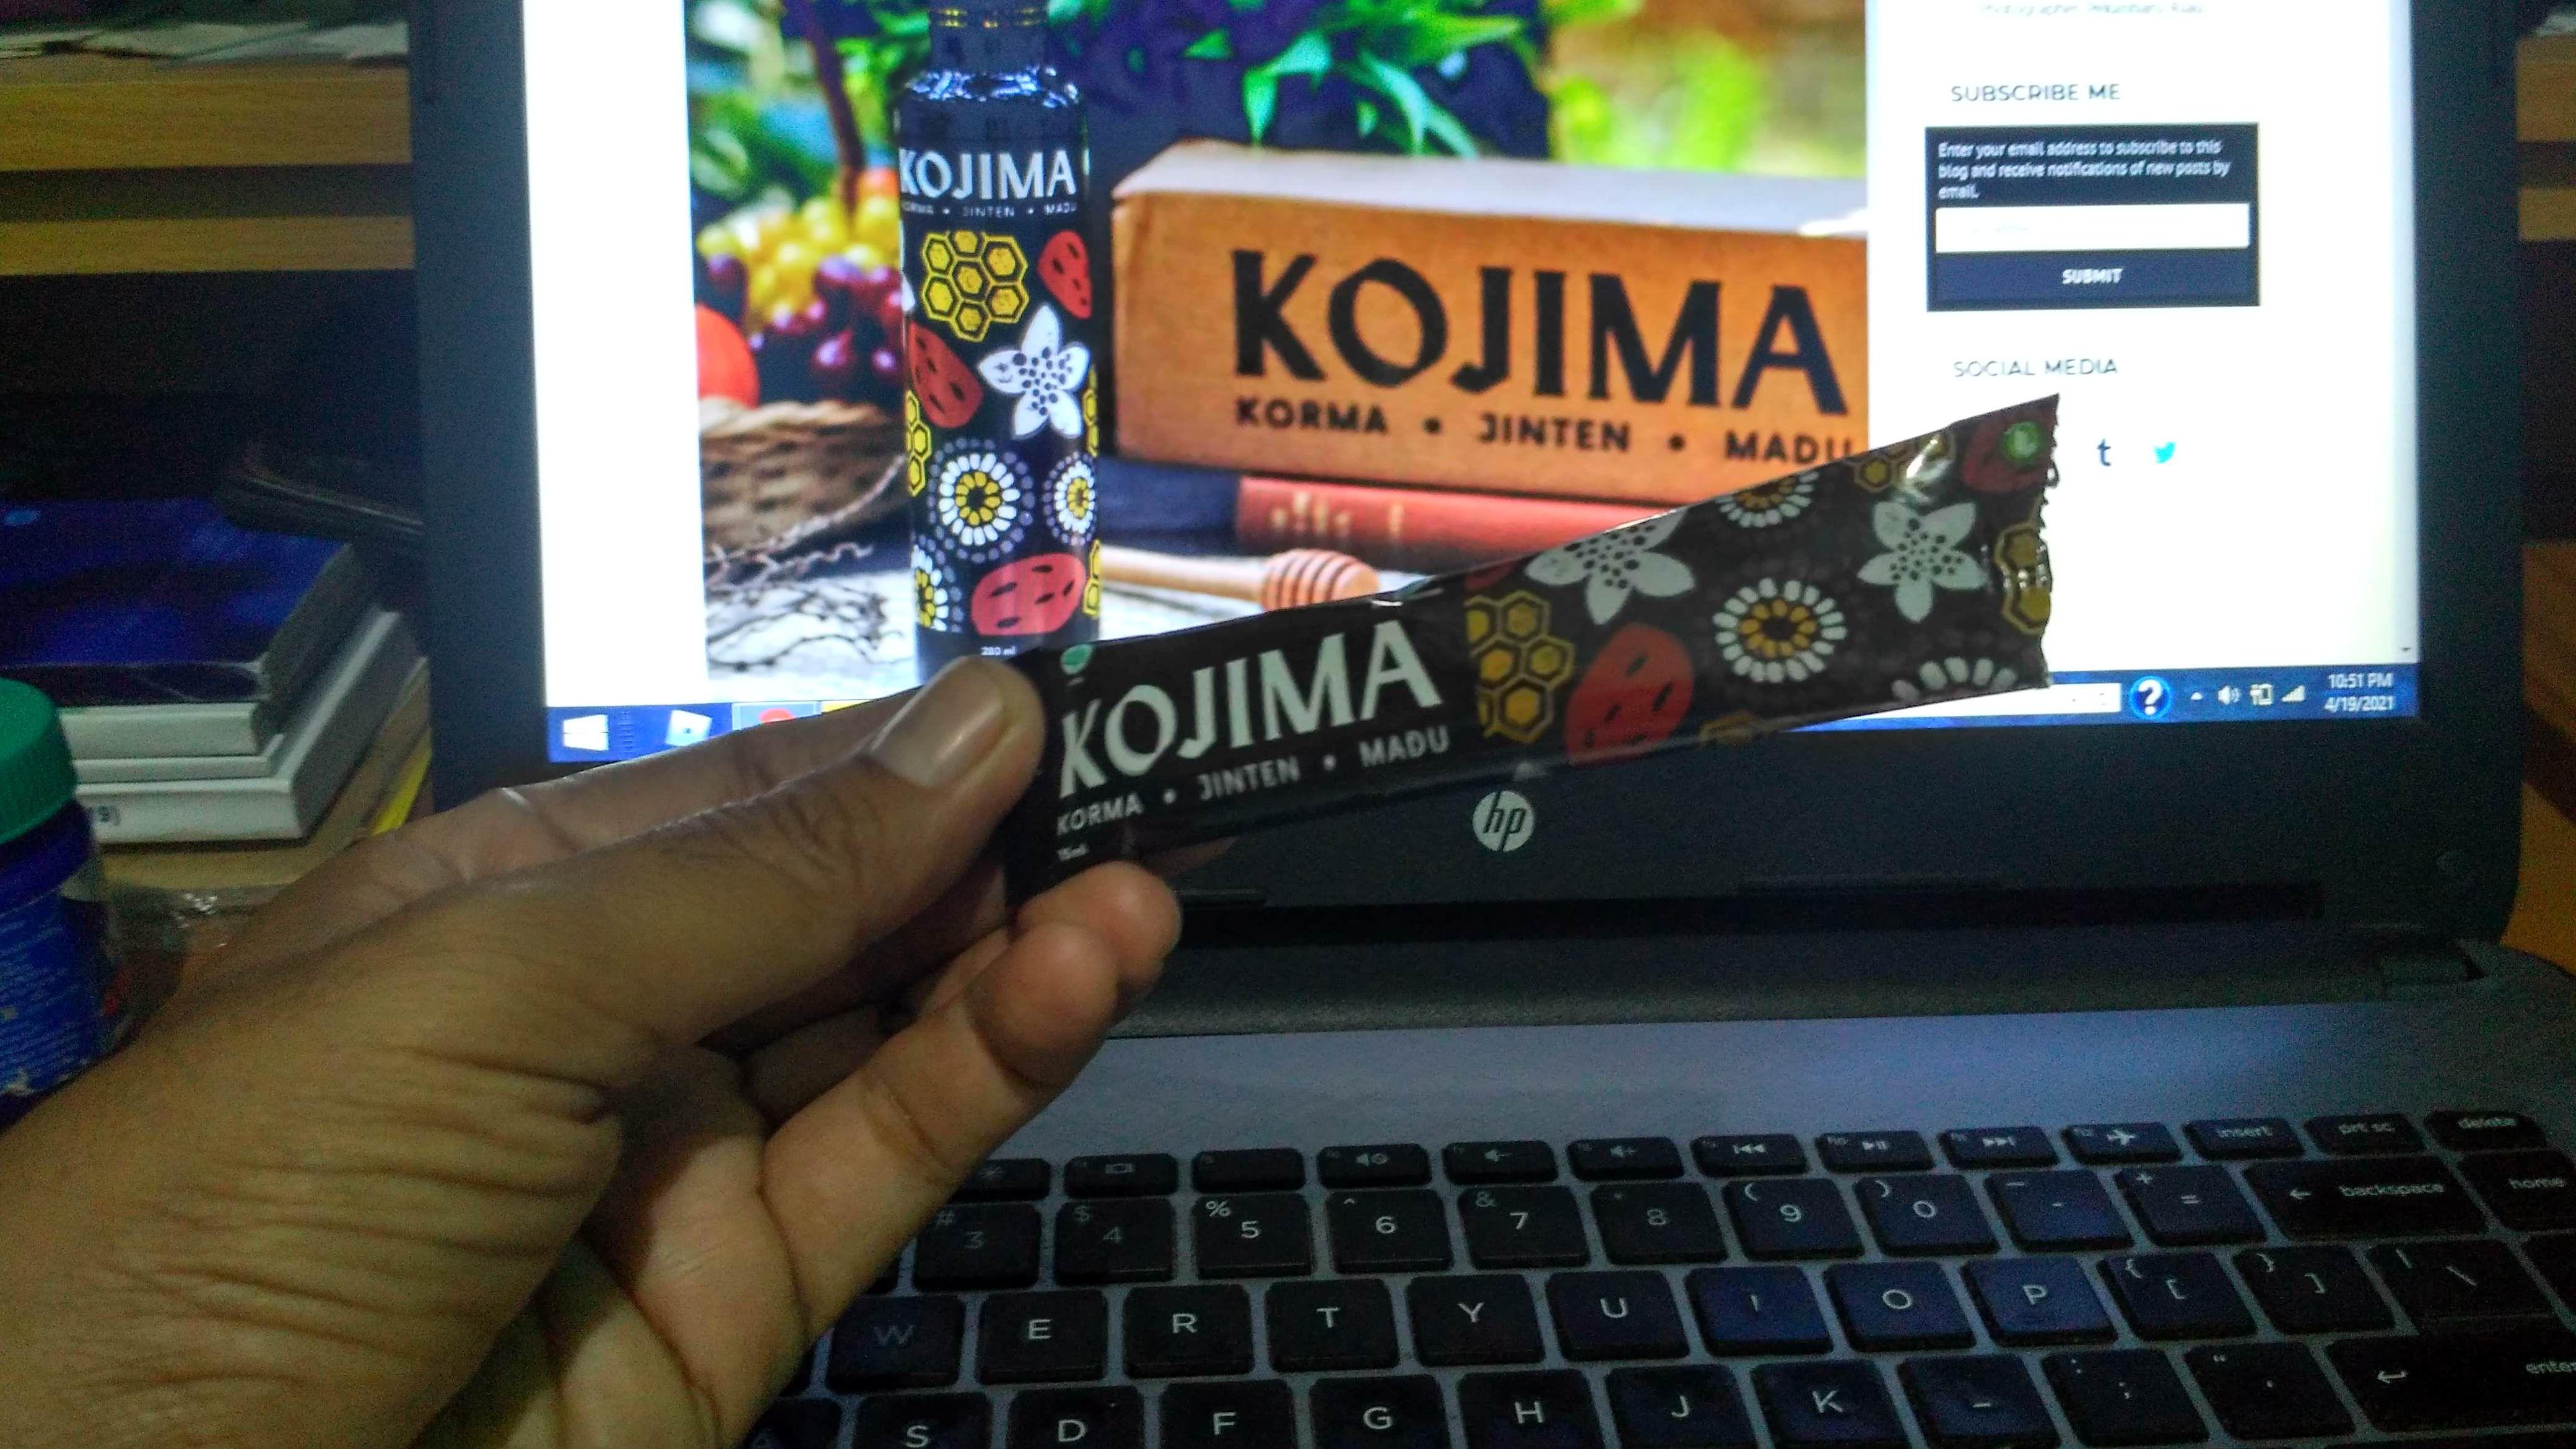 Kojima kemasan stick pack telah menjadi kawan saya dalam bekerja menulis dari rumah di masa pandemi/Foto pribadi